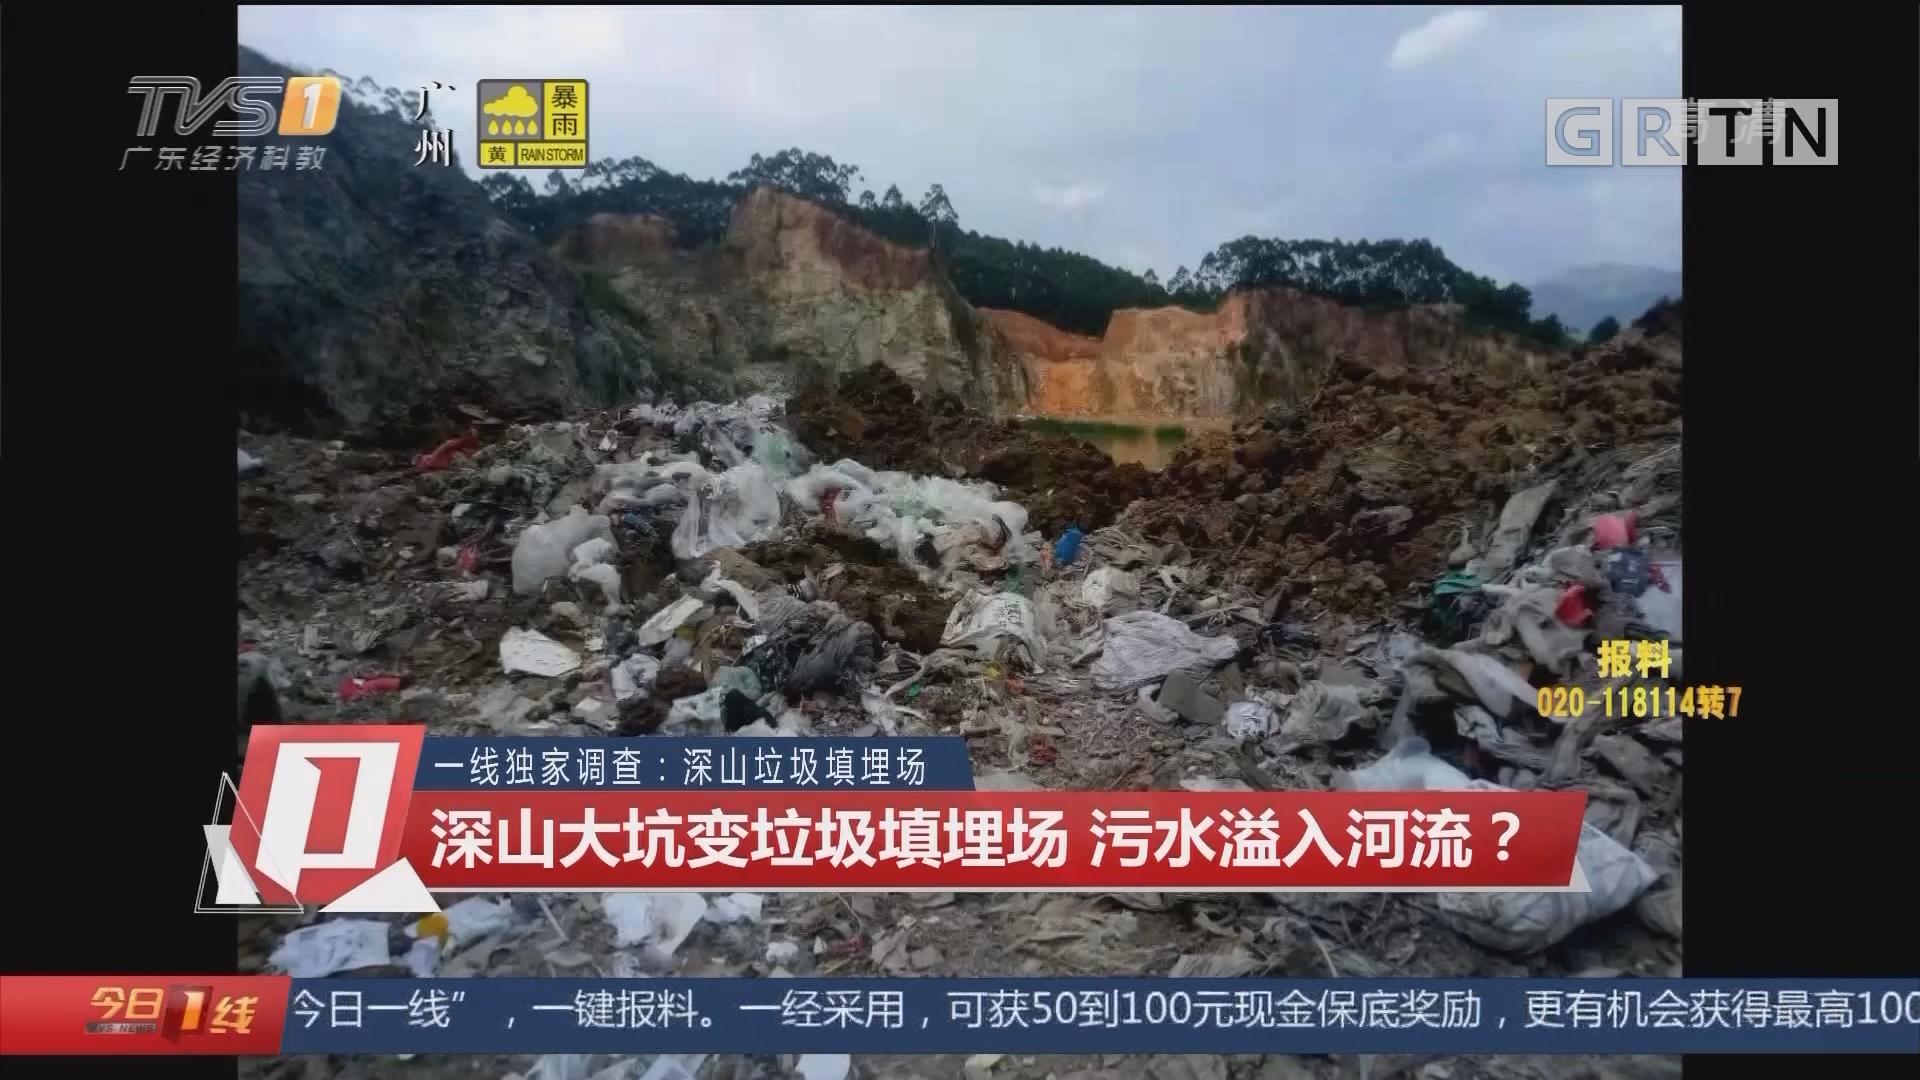 一线独家调查:深山垃圾填埋场 深山大坑变垃圾填埋场 污水溢入河流?